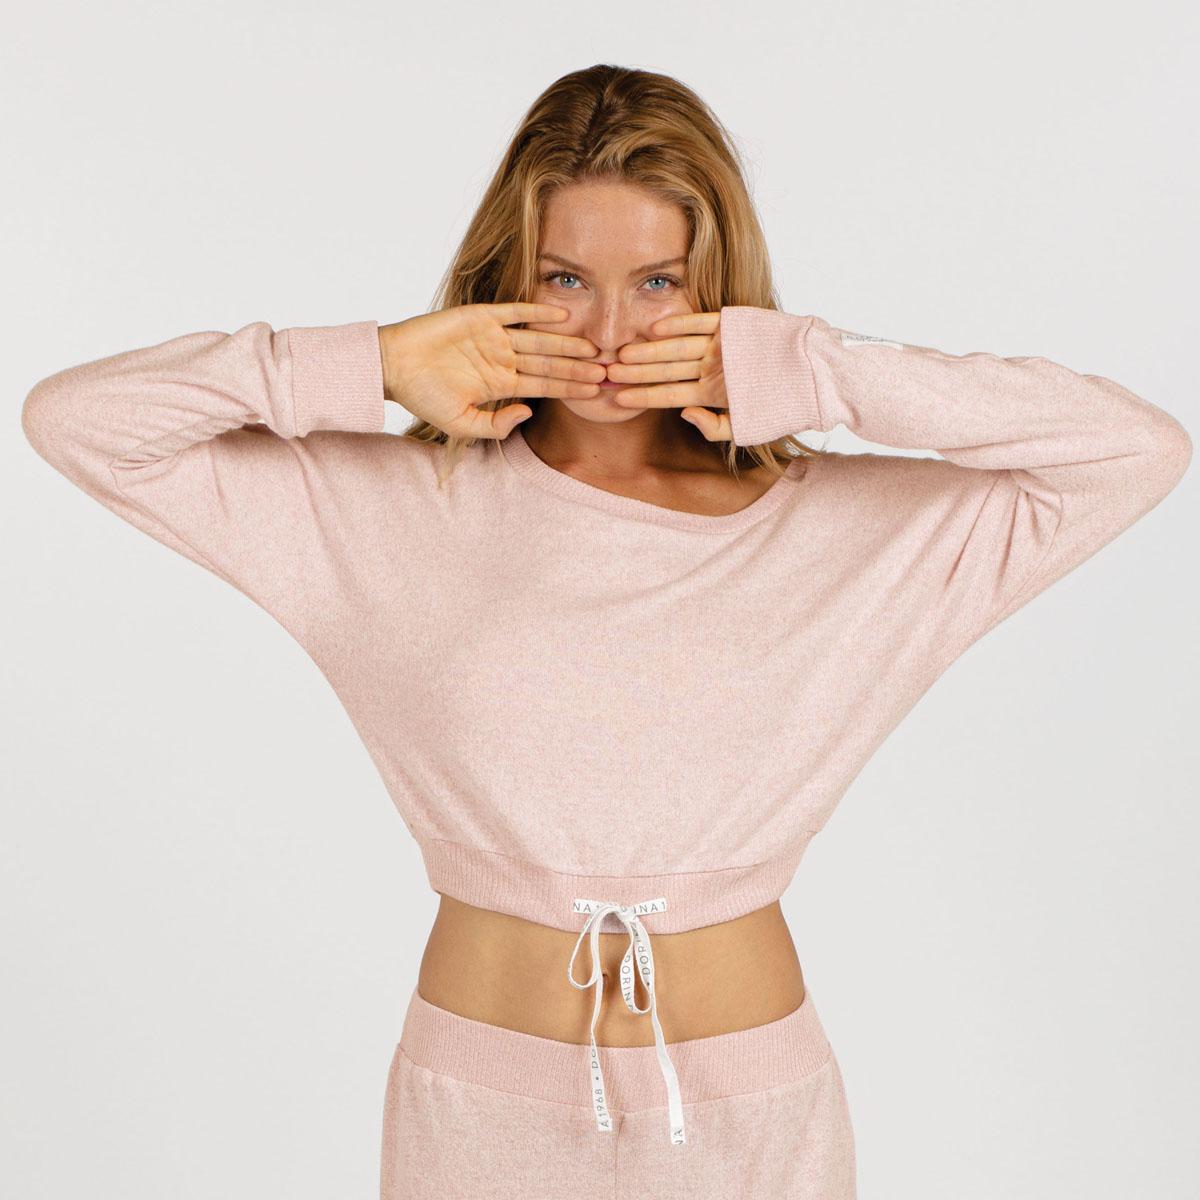 Haut de pyjama rose - 3 suisses - Modalova